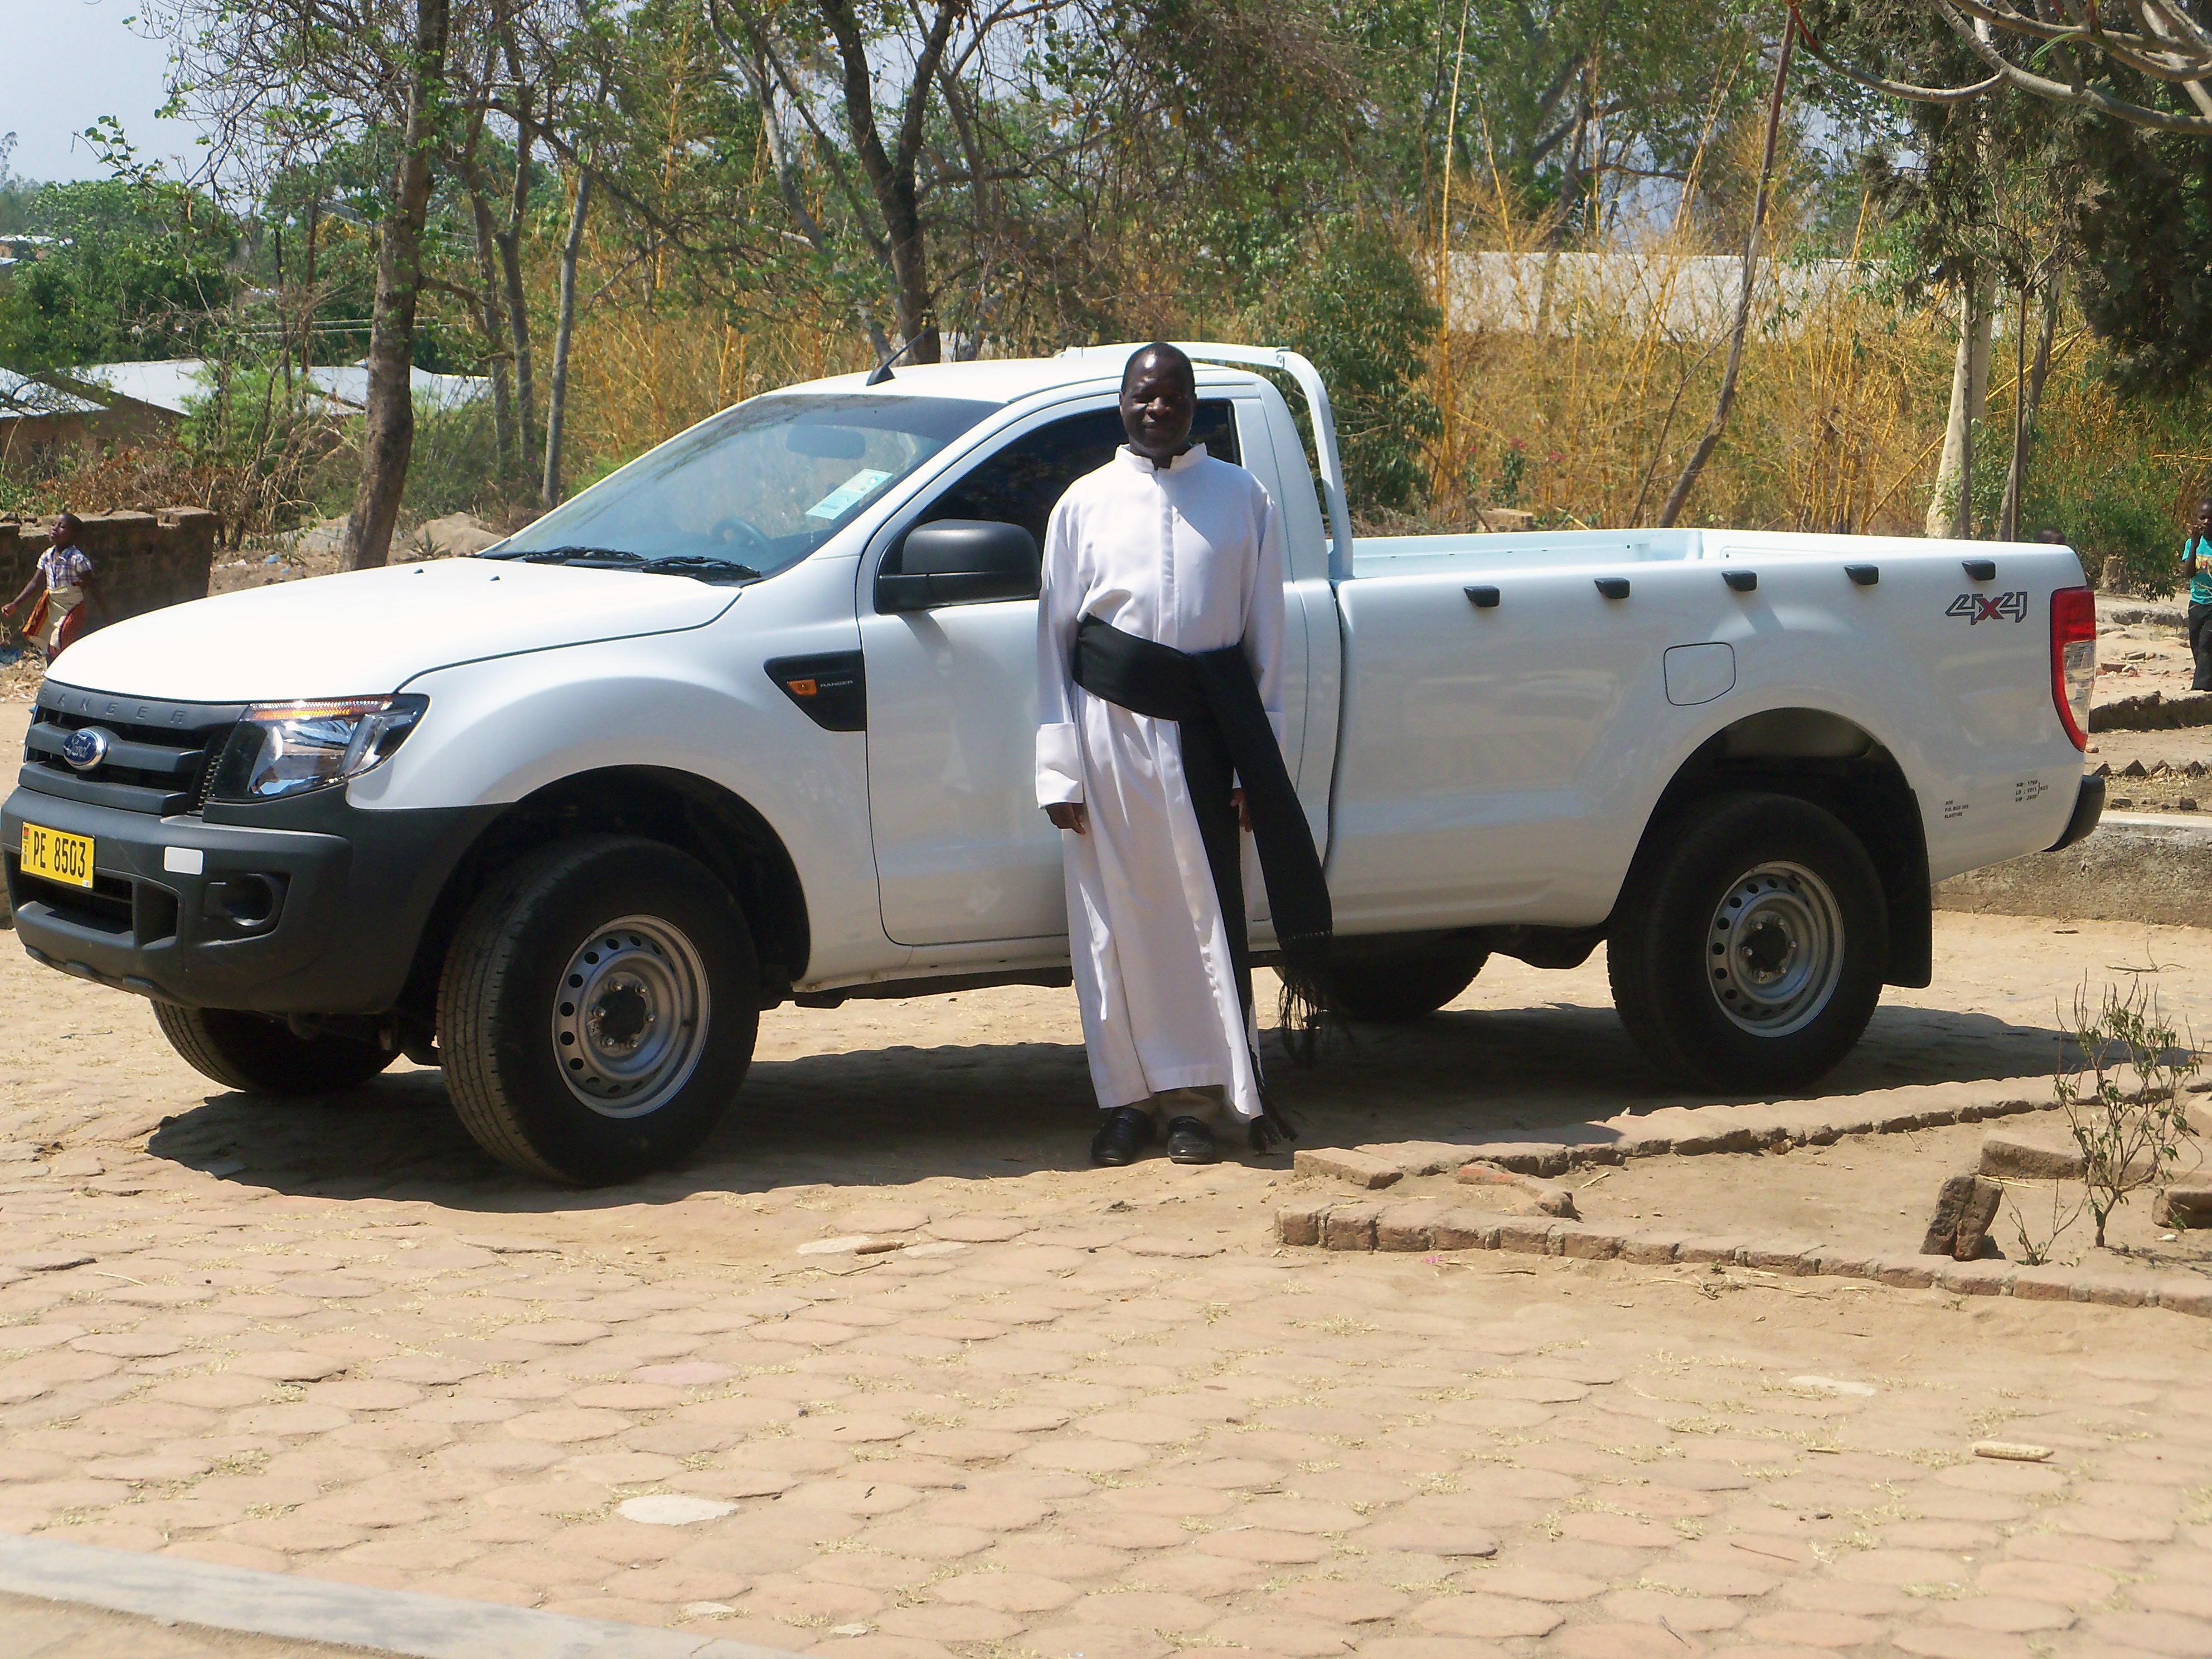 Proyecto de mes: Un vehículo para una parroquia ubicada en las montañas en Mozambique